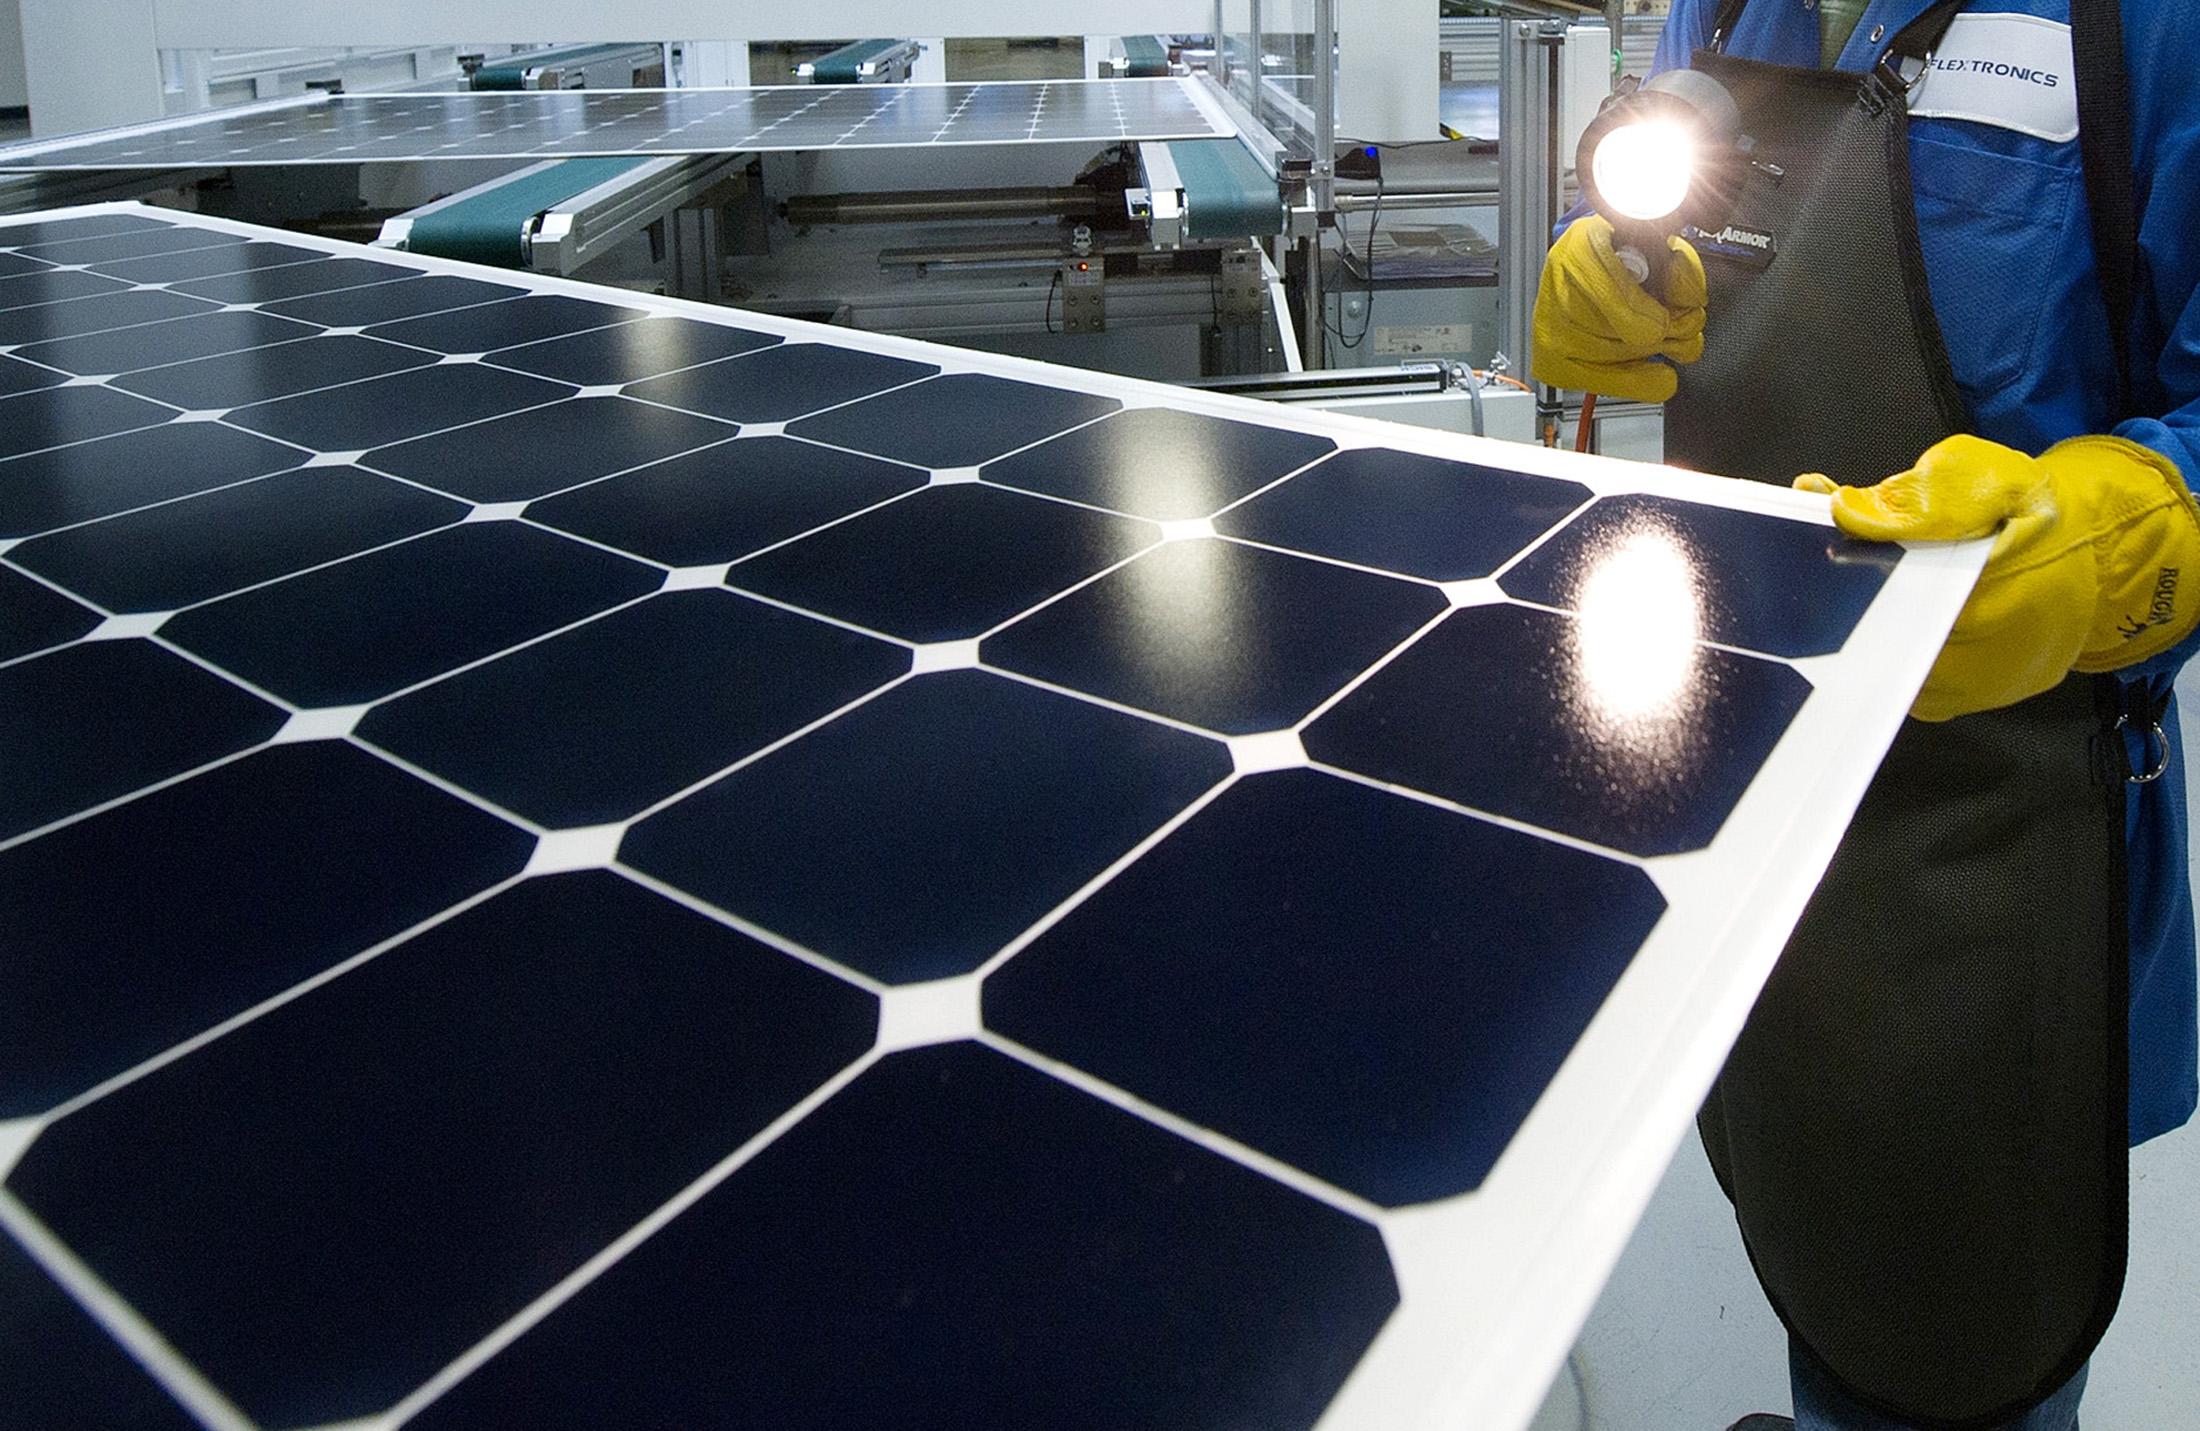 is beats solarcity panel record module world most solar efficiency efficient panels solarcitys quickly mitsubishi s panasonic